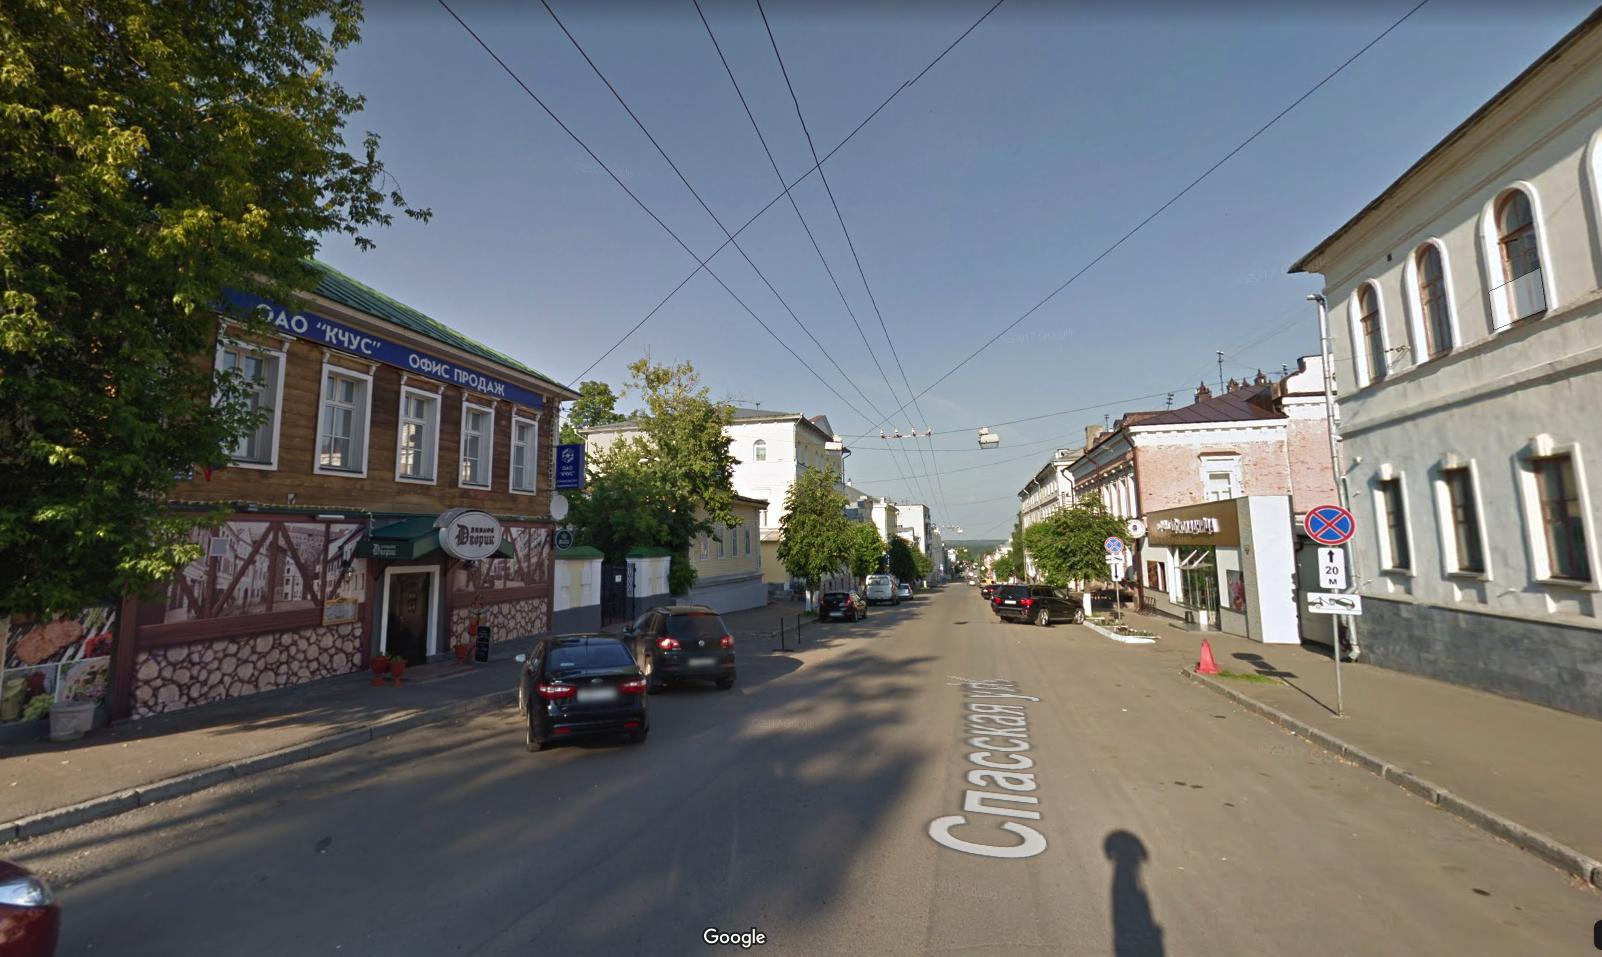 Улица Спасская. Слева — пивная, справа — Ленинский суд. Фото © Google maps